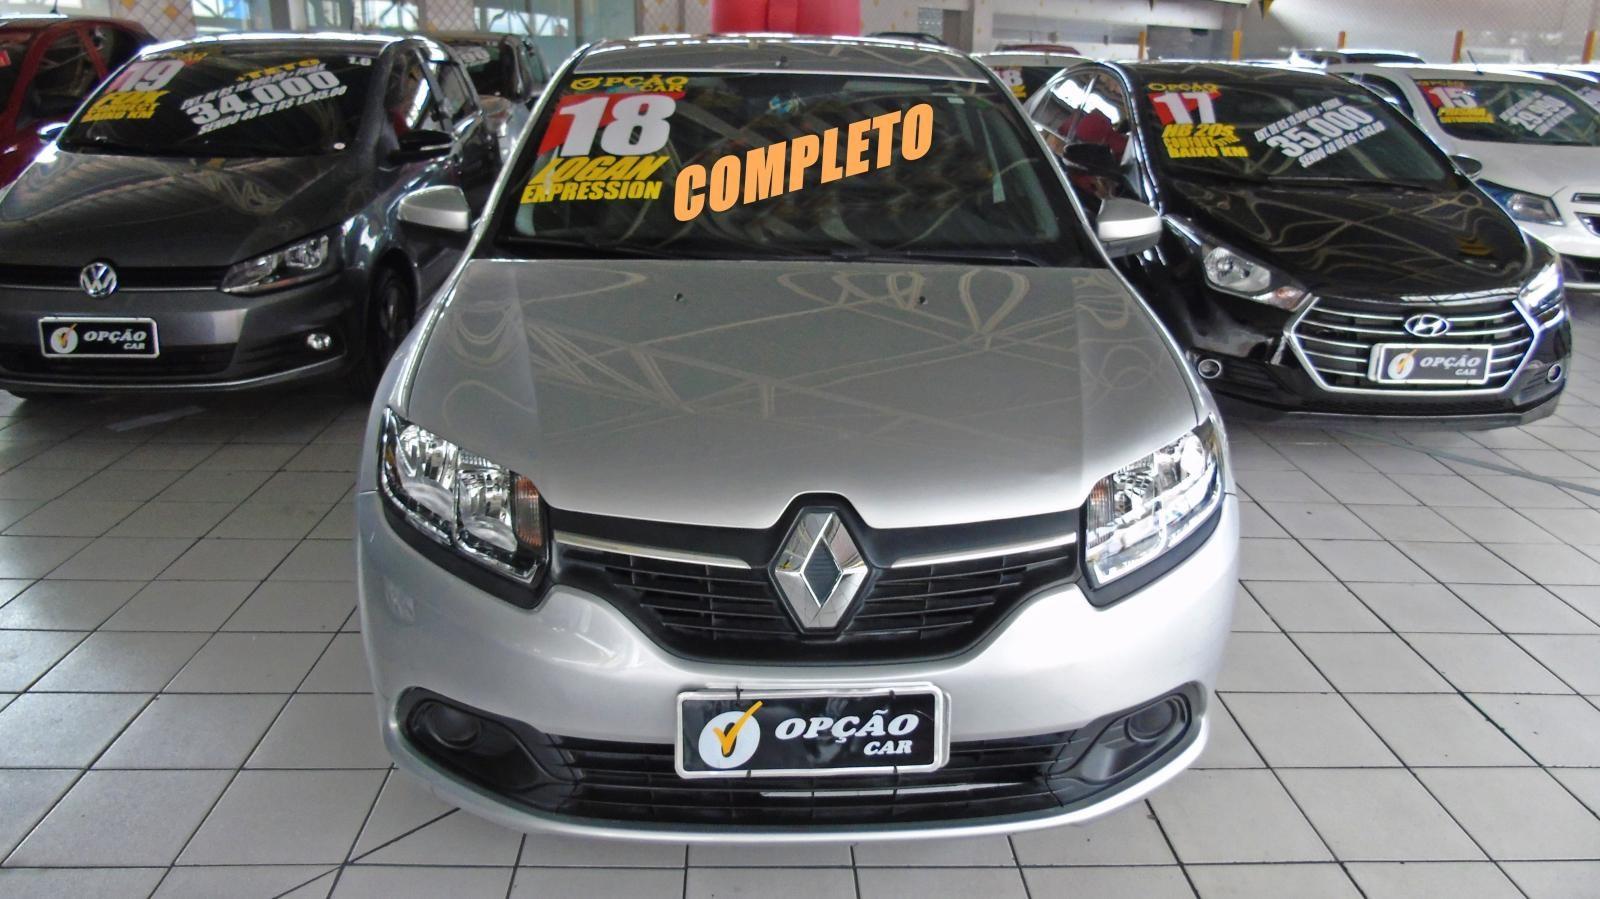 //www.autoline.com.br/carro/renault/logan-16-expression-16v-flex-4p-manual/2018/sao-paulo-sp/13989609